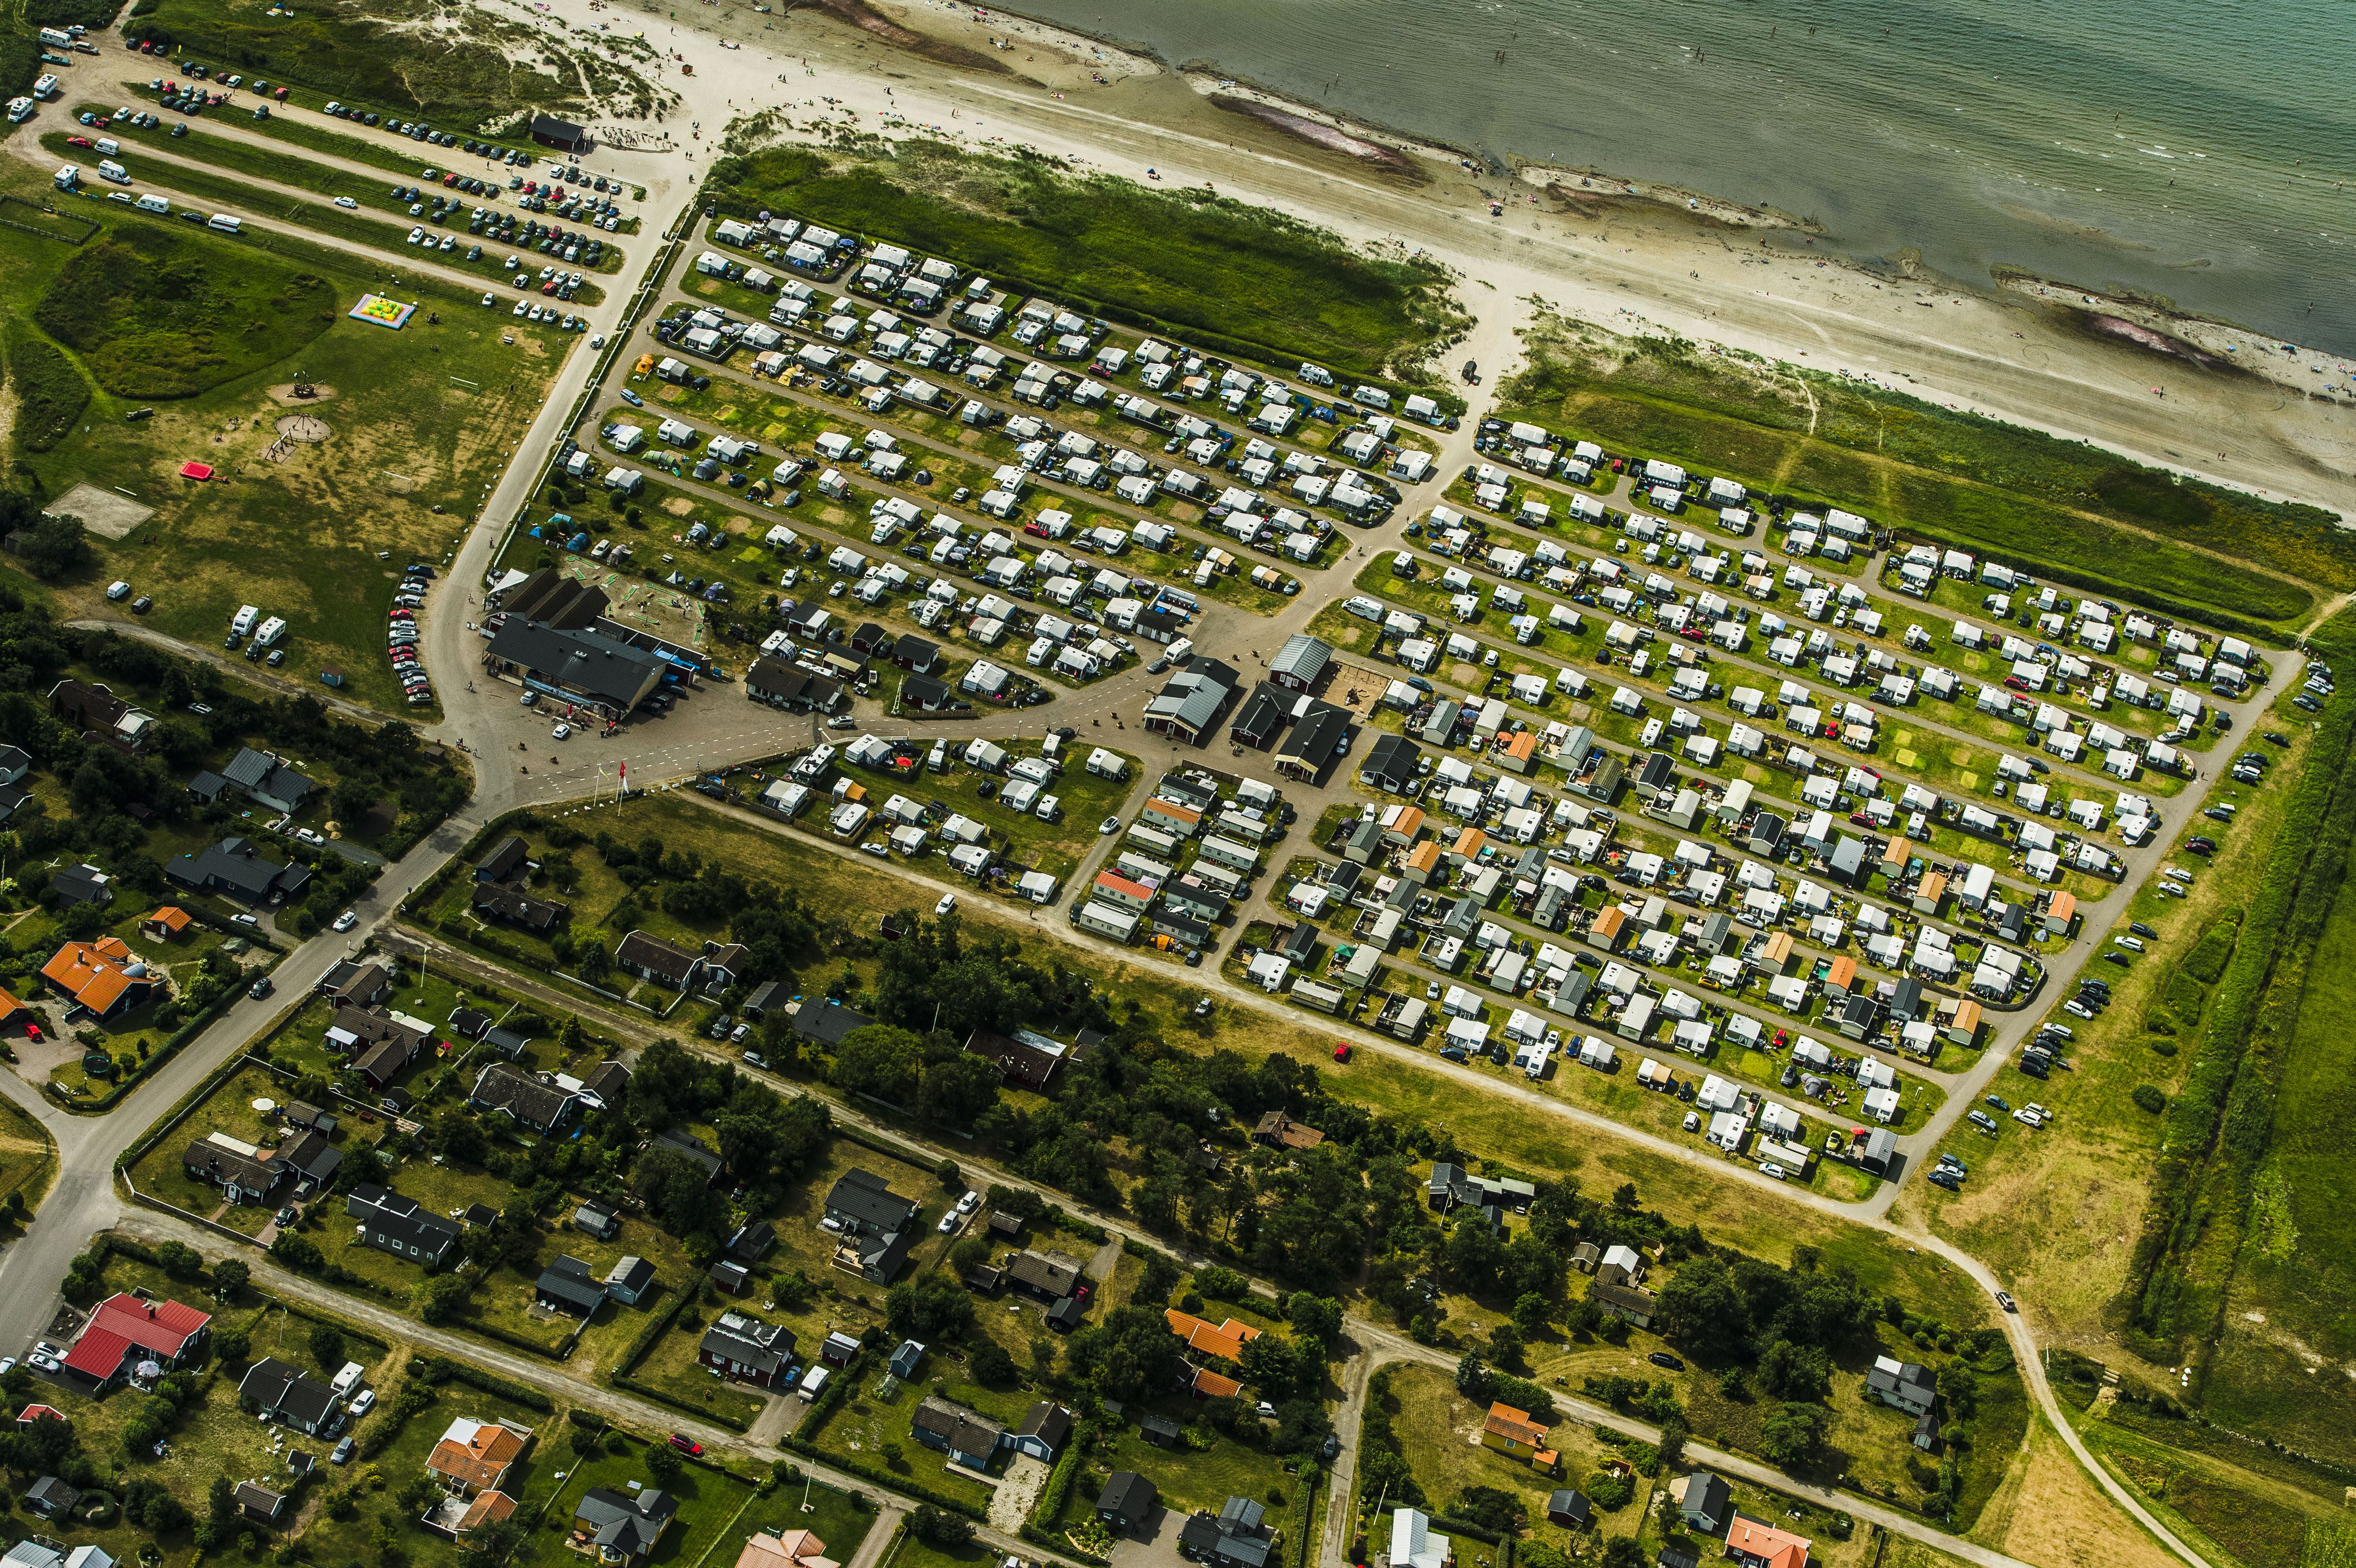 Nordic Camping Björkäng/Camping